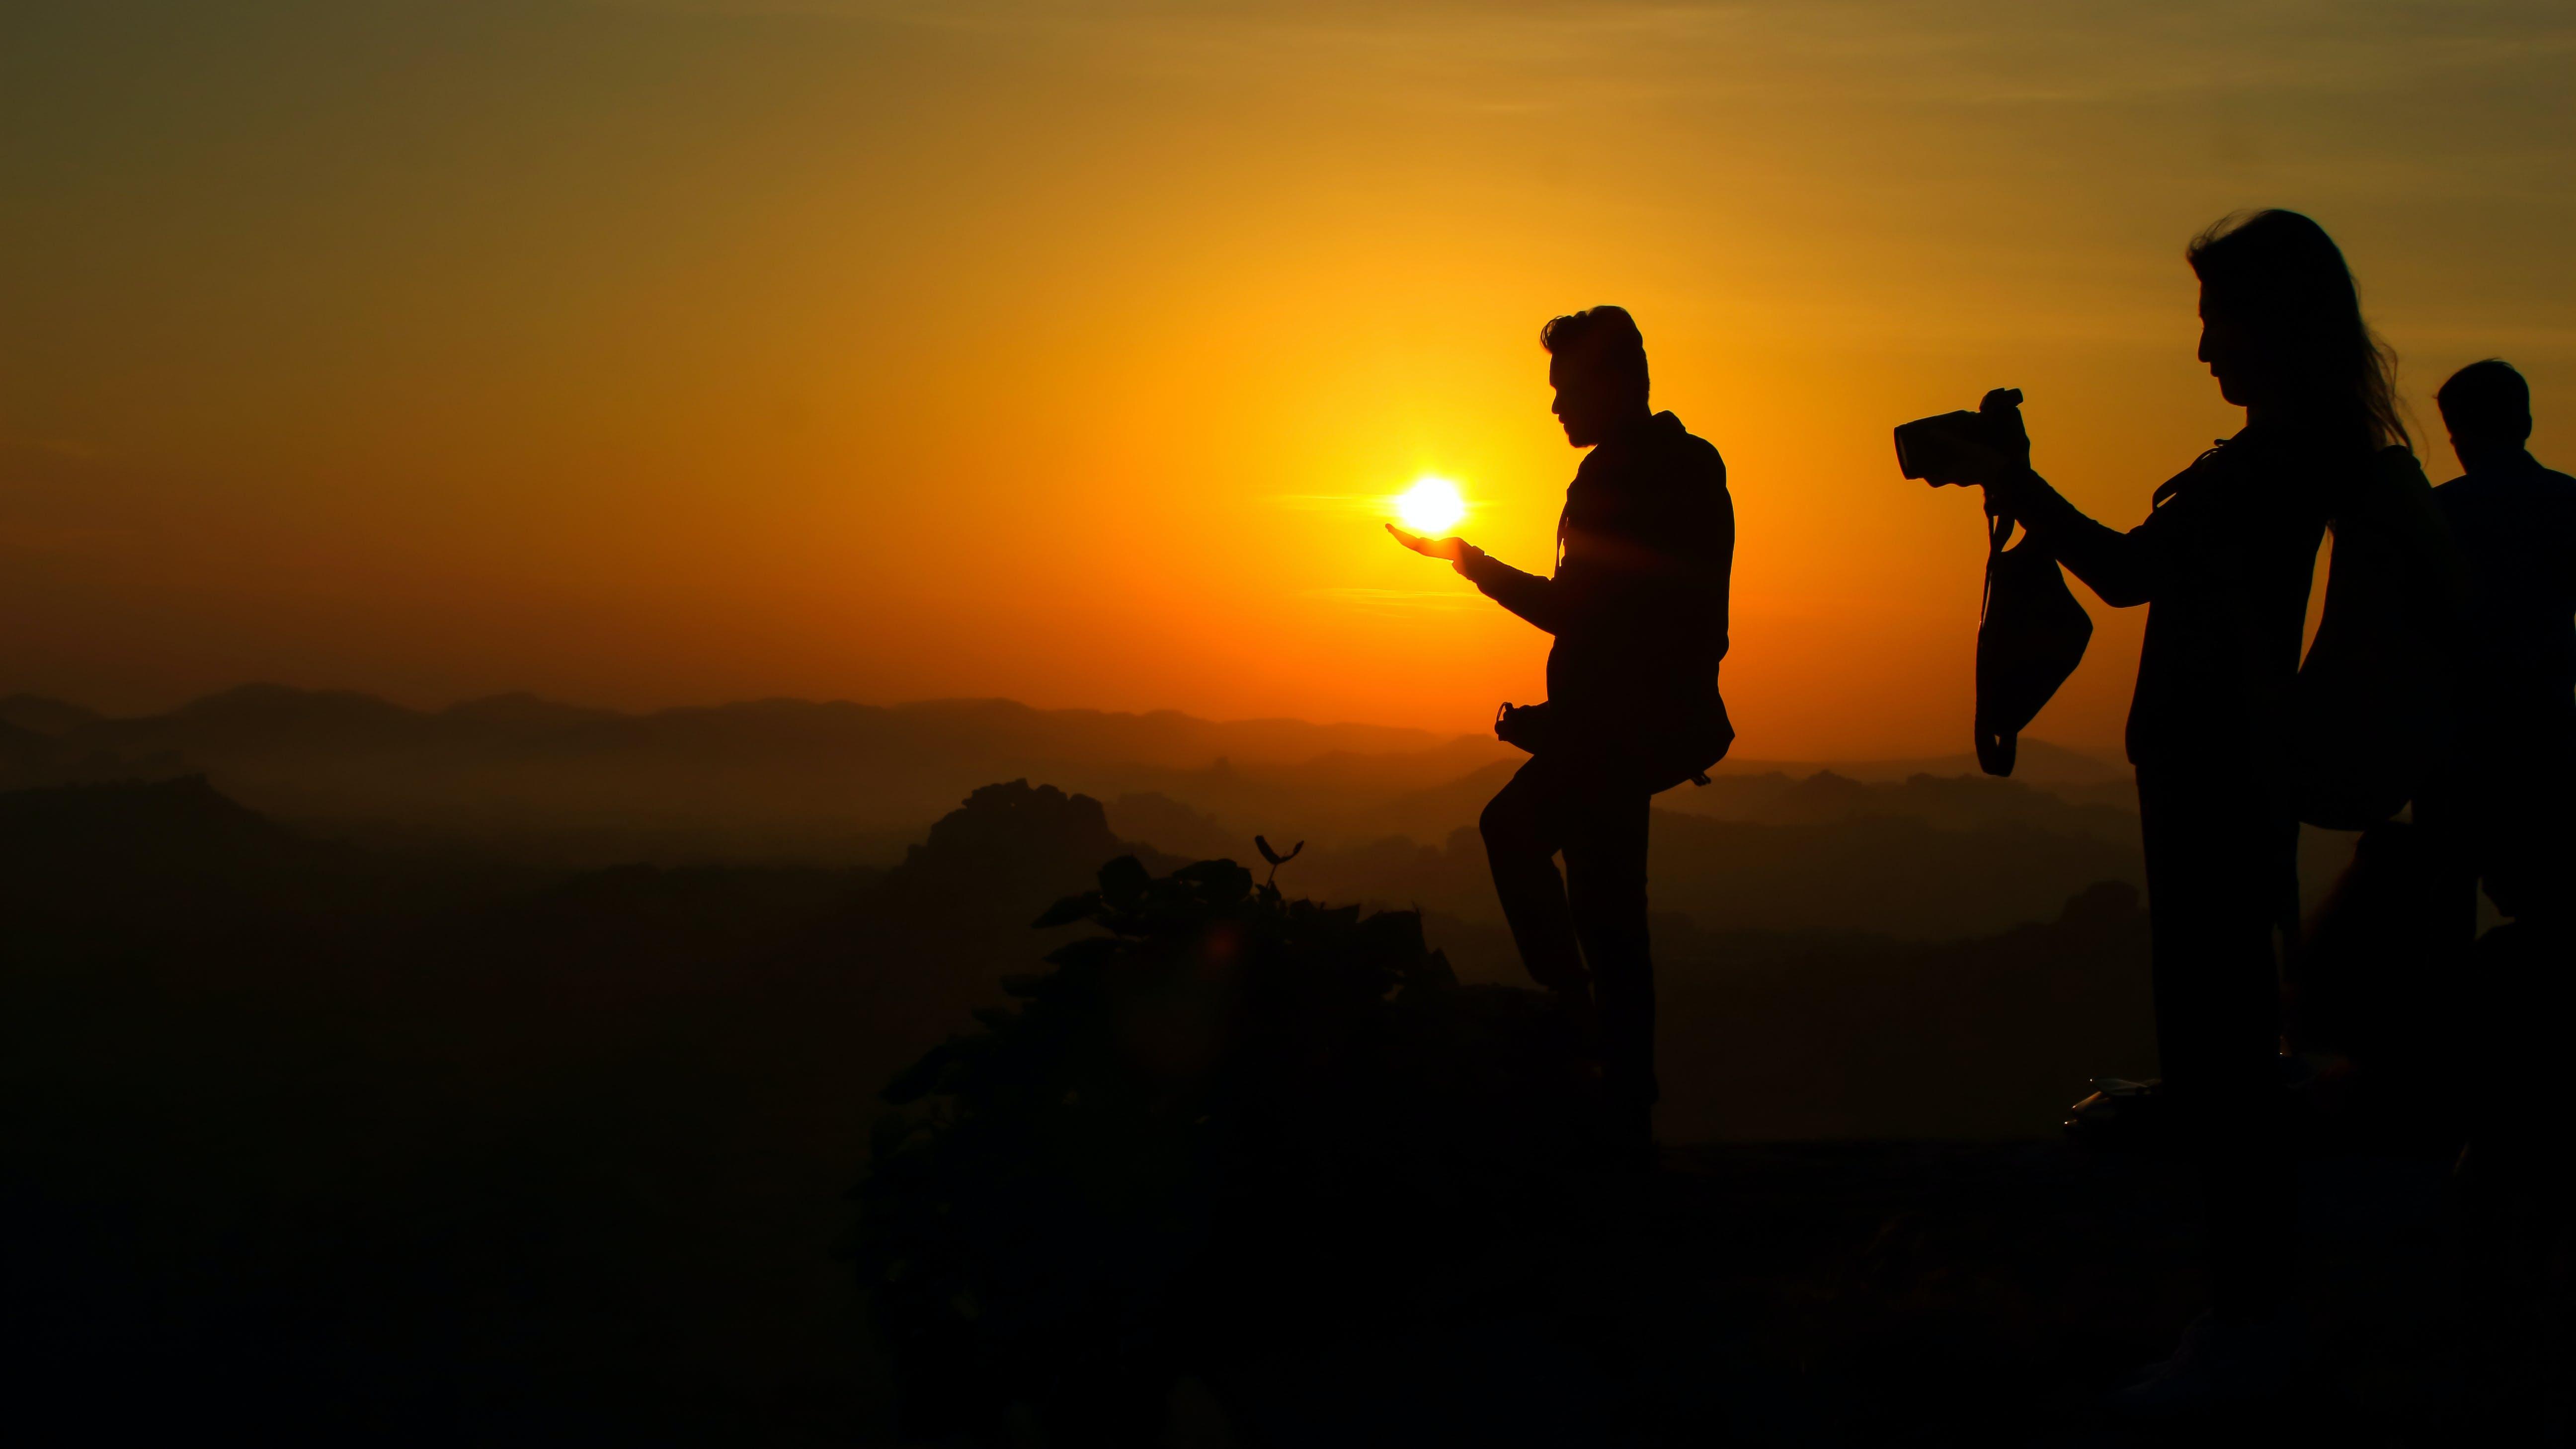 Δωρεάν στοκ φωτογραφιών με hampi, Ανατολή ηλίου, άνδρας, άνθρωπος